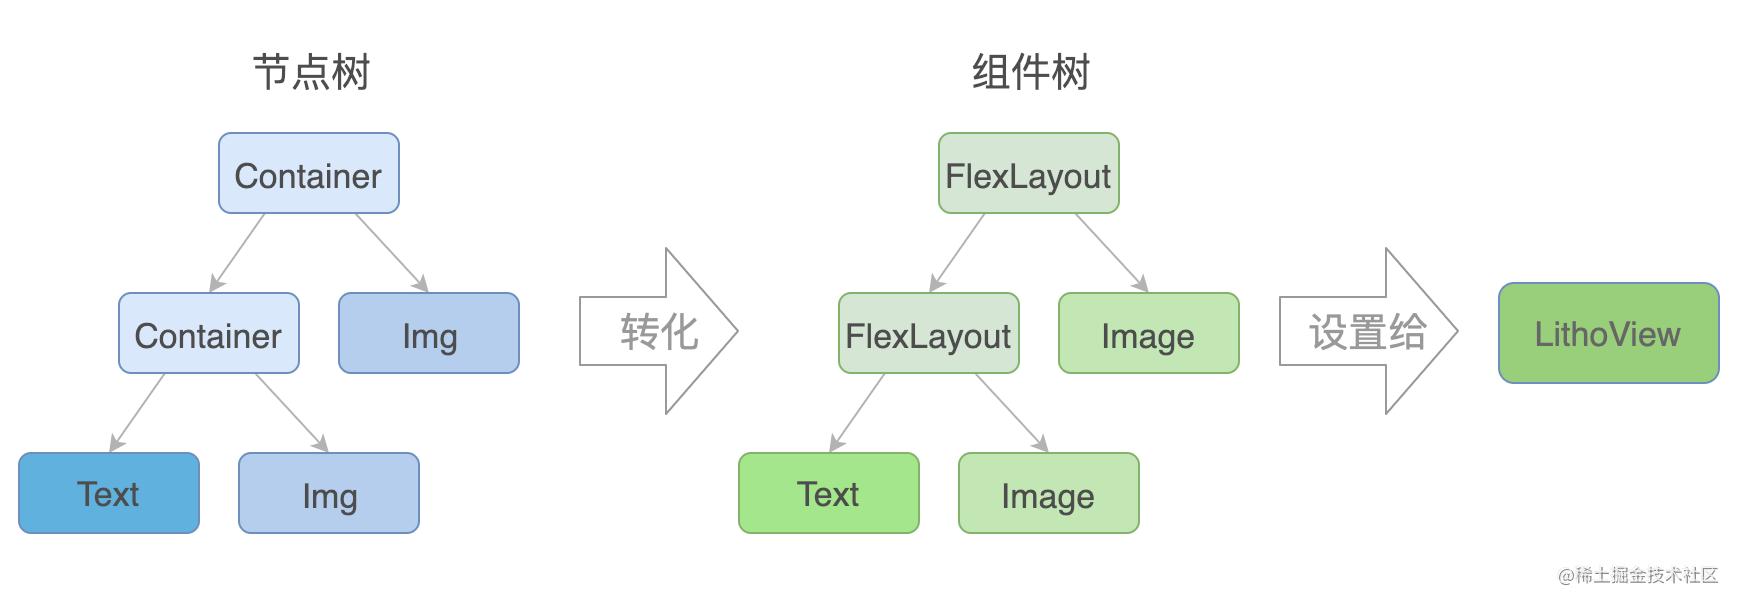 图5 Litho视图引擎从节点到视图的转换